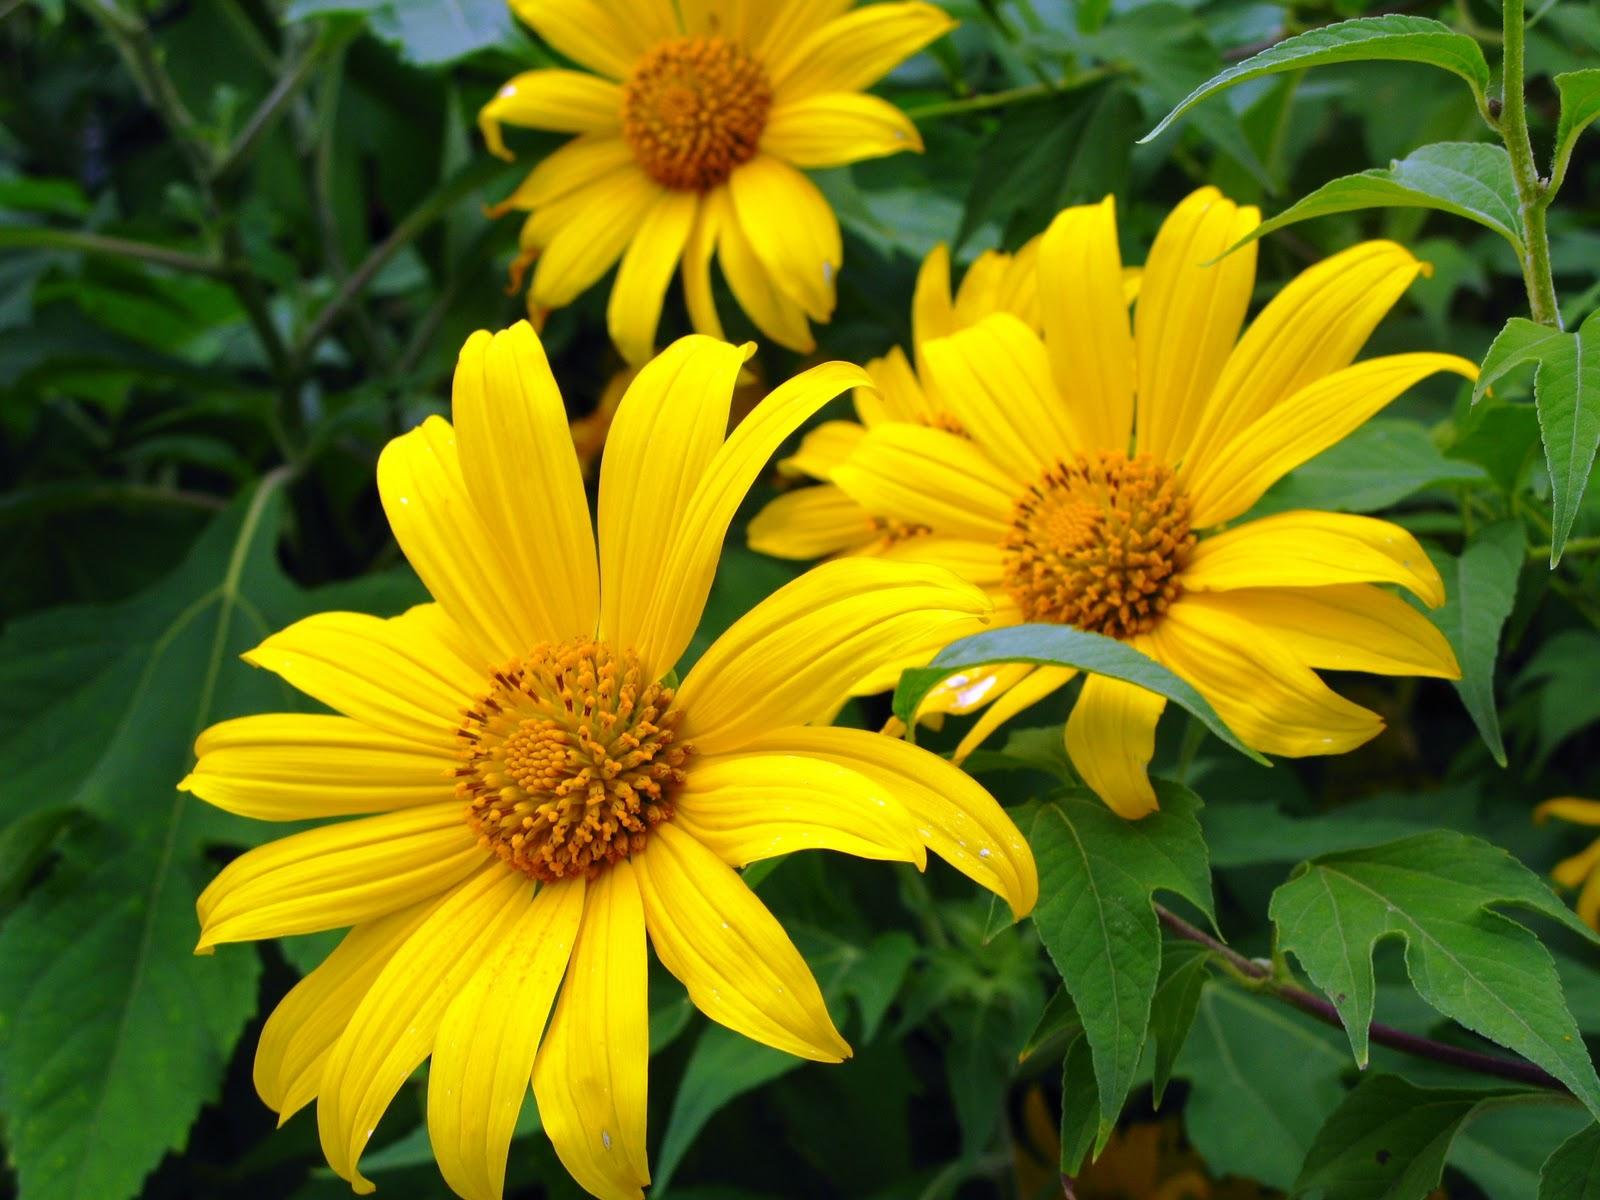 Ý nghĩa ngọt ngào của đóa hoa Dã Qùy trong tình yêu